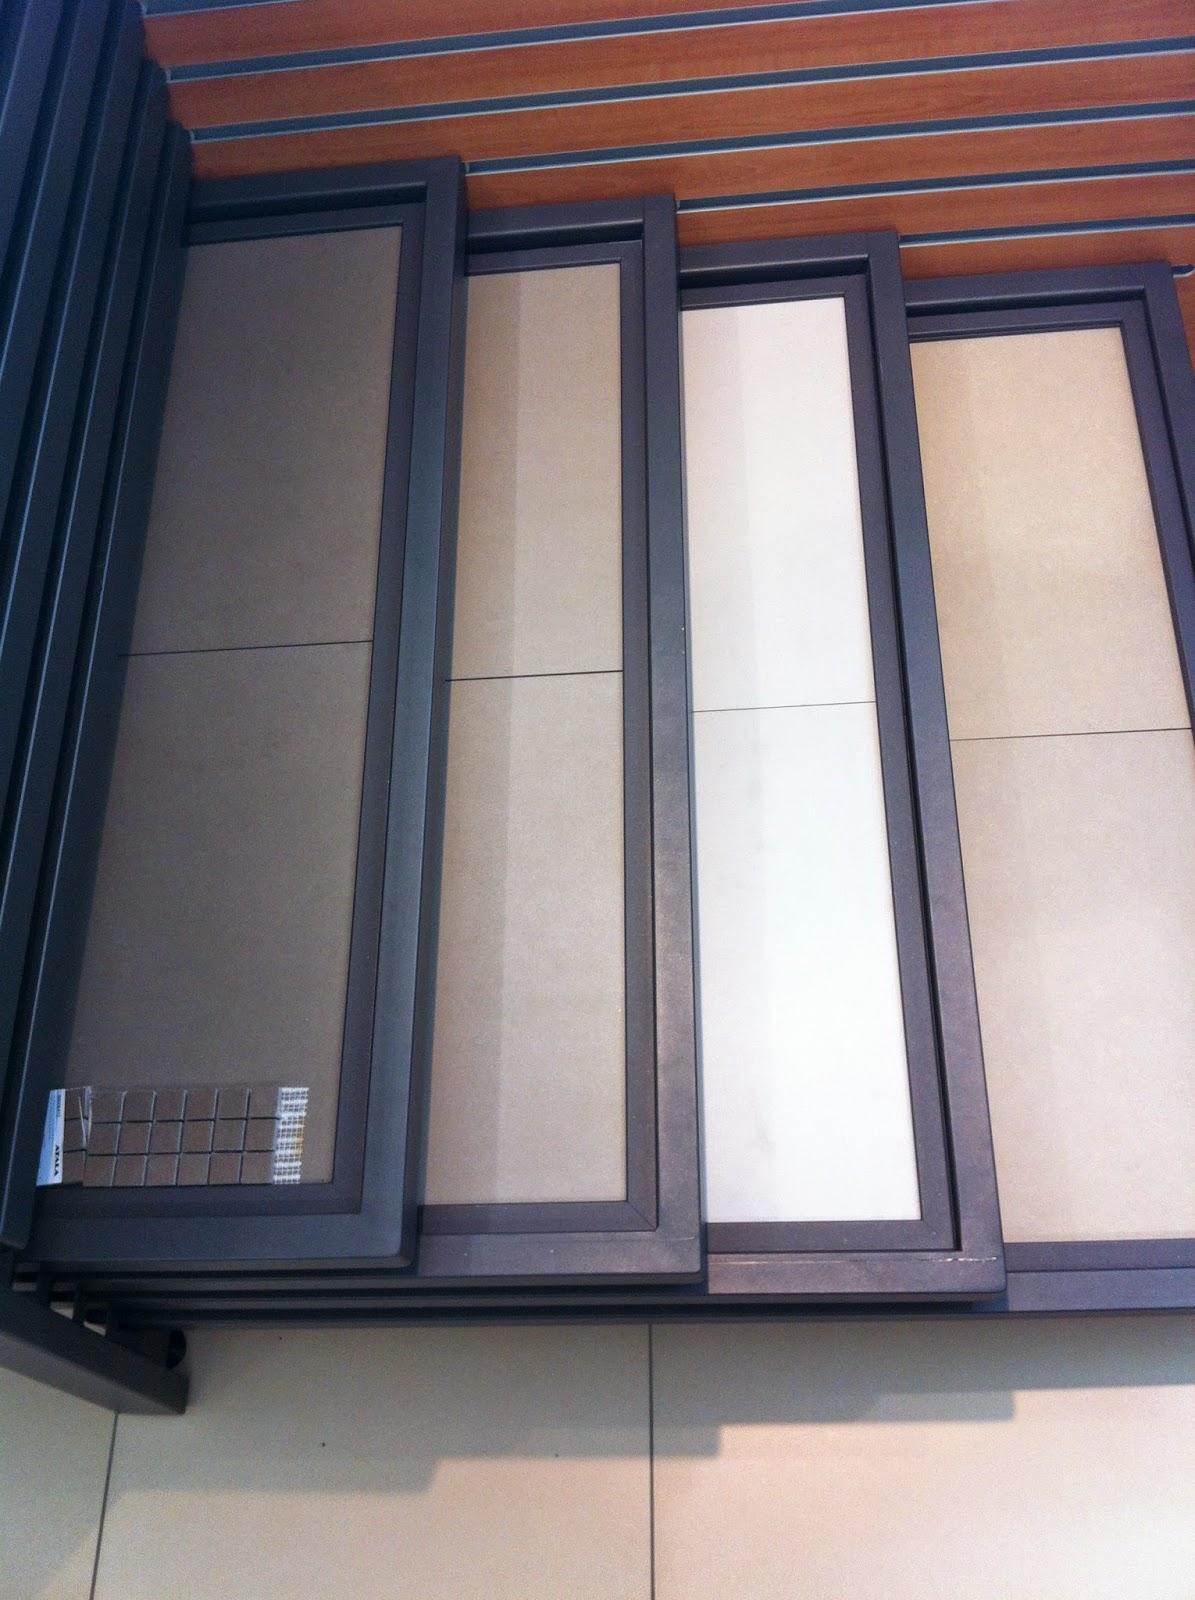 aus b wird hvl fliese in creme beige sand matsch oder doch in holzoptik. Black Bedroom Furniture Sets. Home Design Ideas